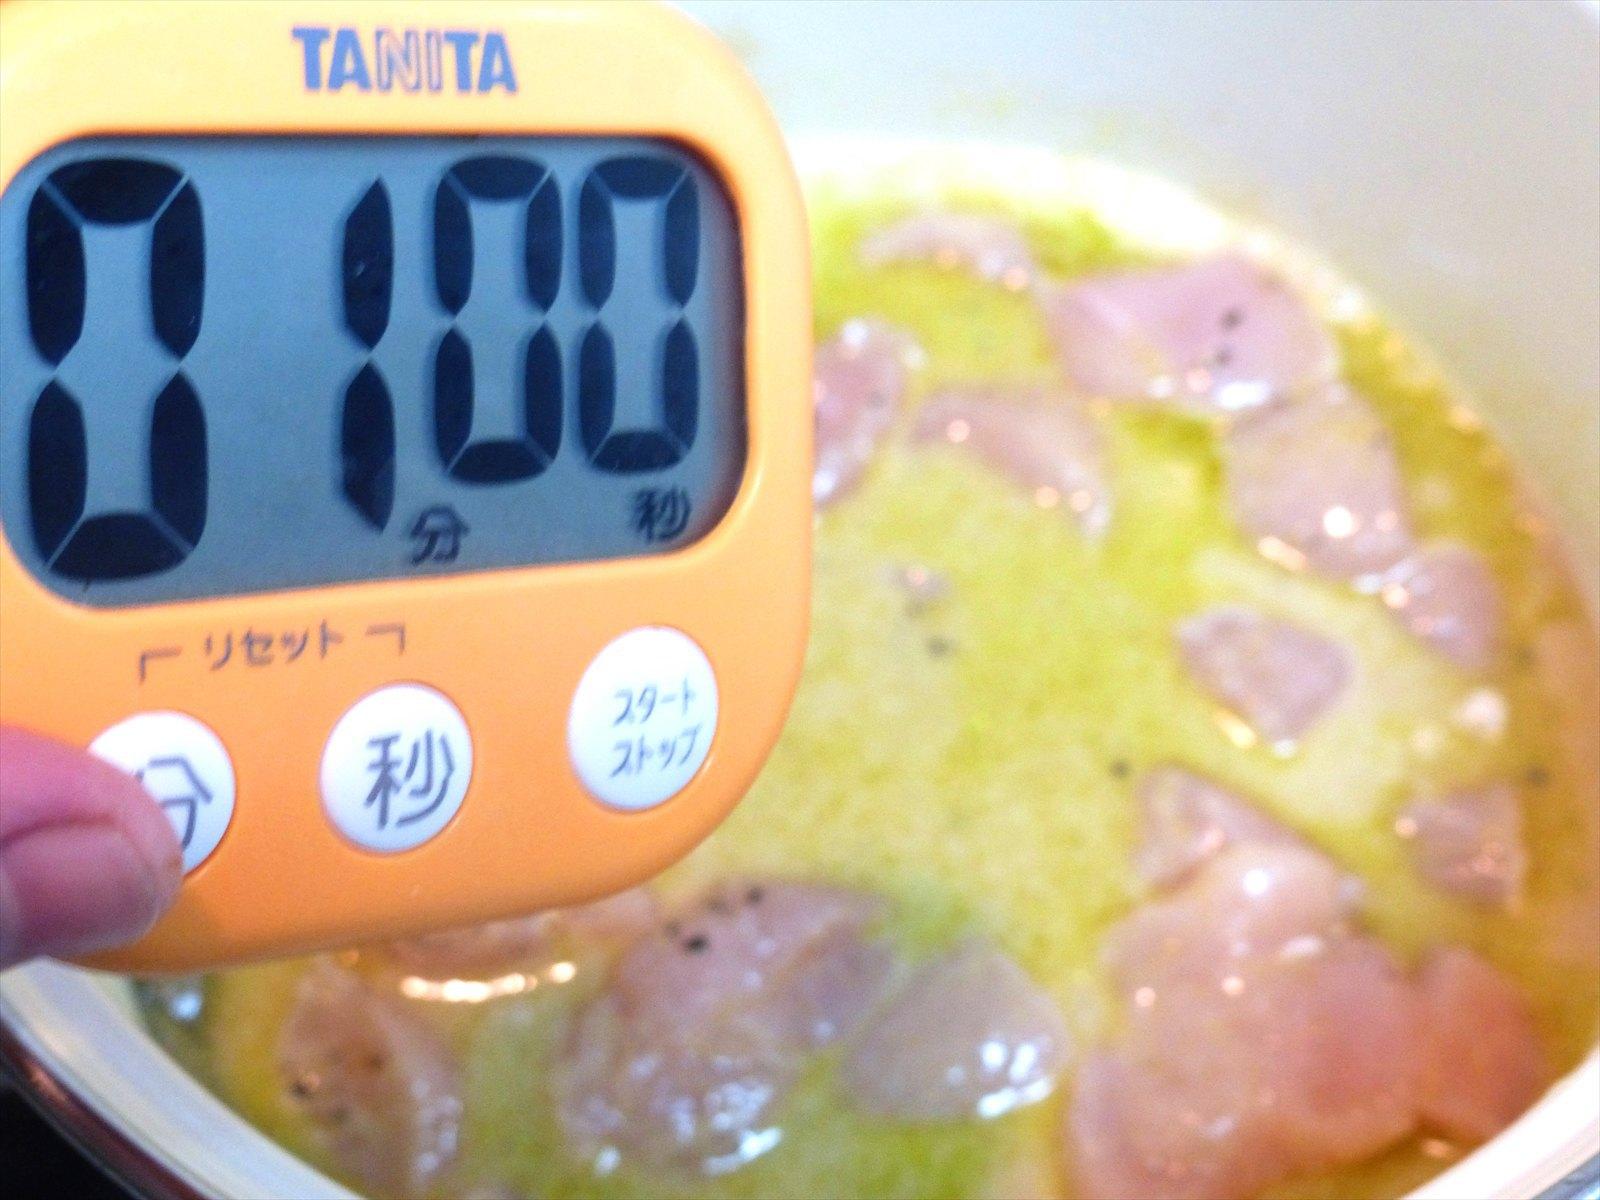 その後、肉を加えて1分ほど更に煮込みます。今回は鳥のささみ肉を使用しています。